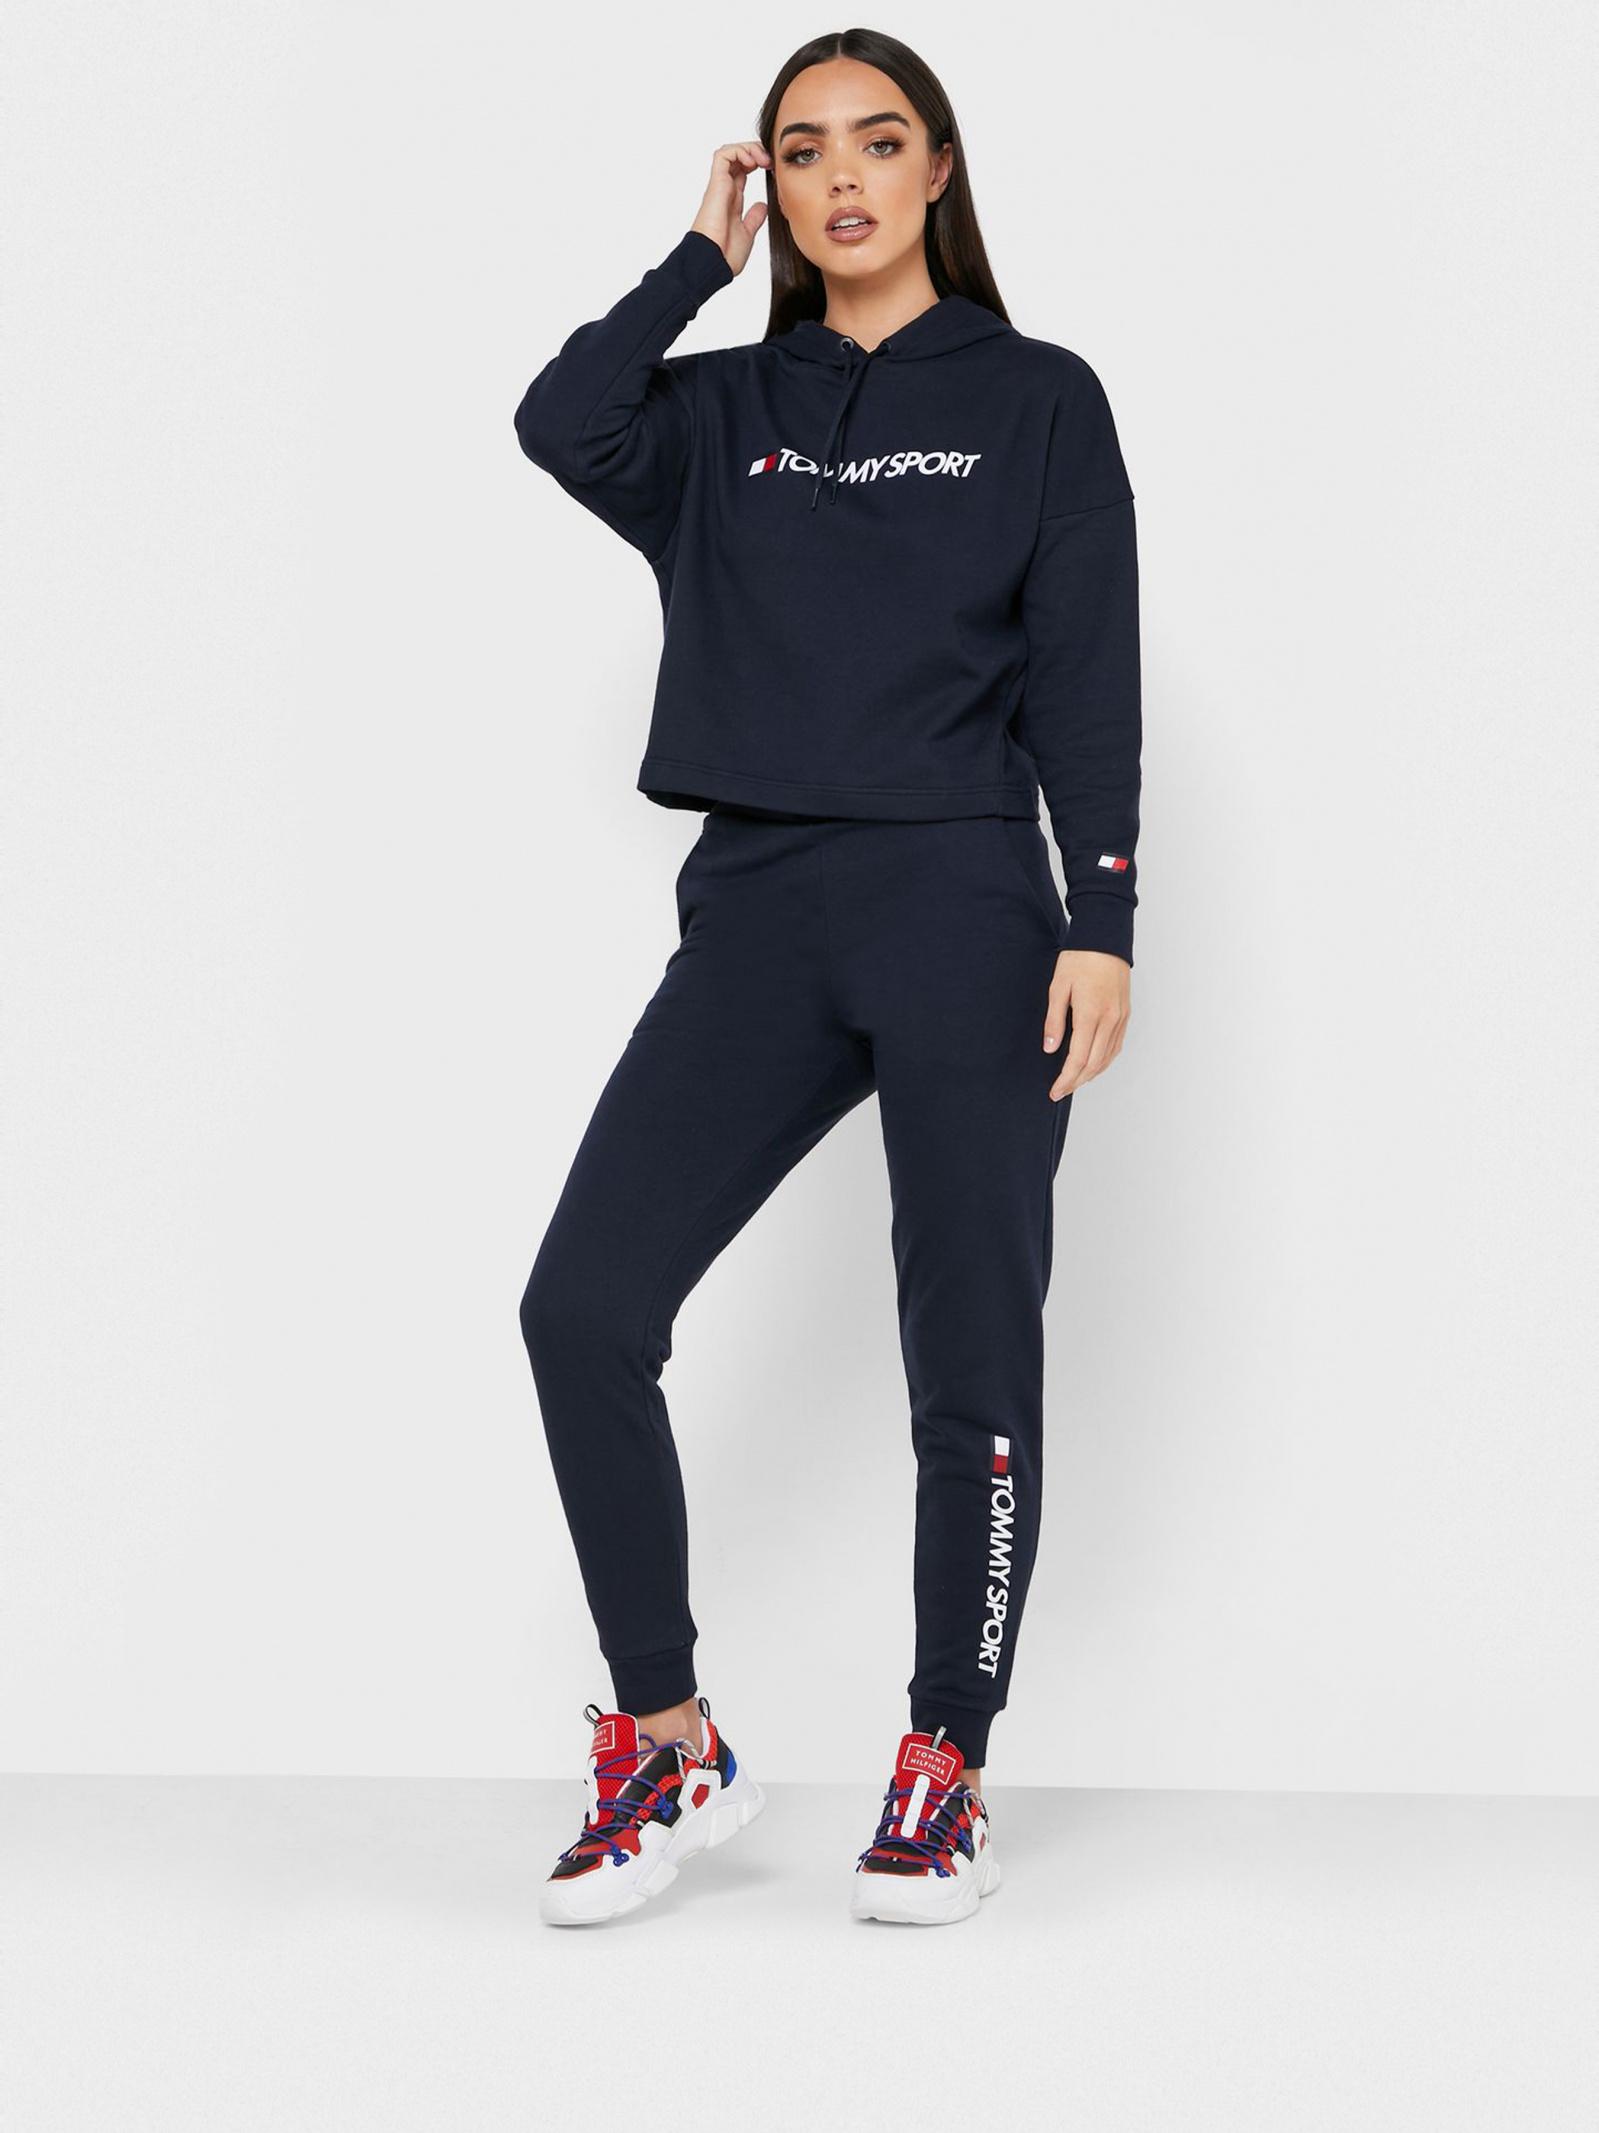 Штаны спортивные женские Tommy Hilfiger модель TC1543 купить, 2017